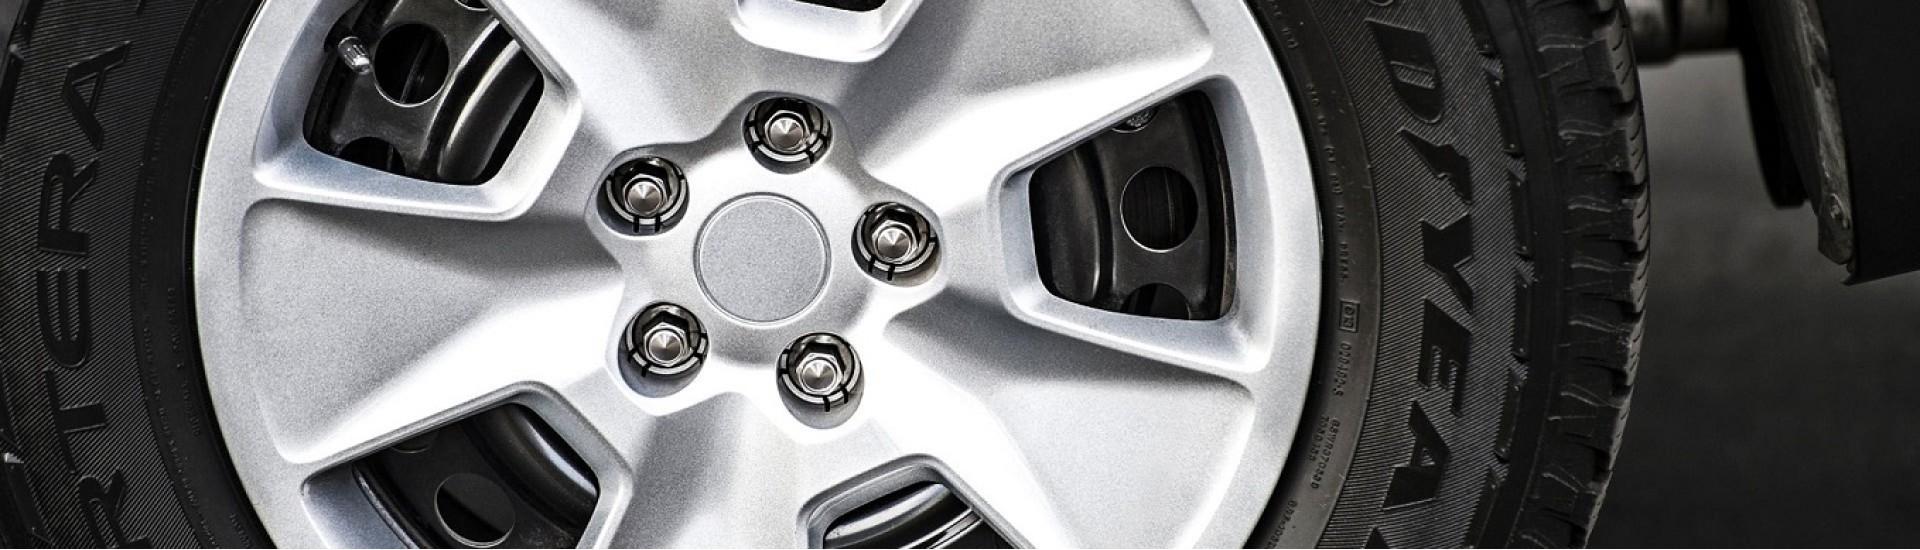 قالپاق چرخ ، قیمت قالپاق چرخ ، wheel covers